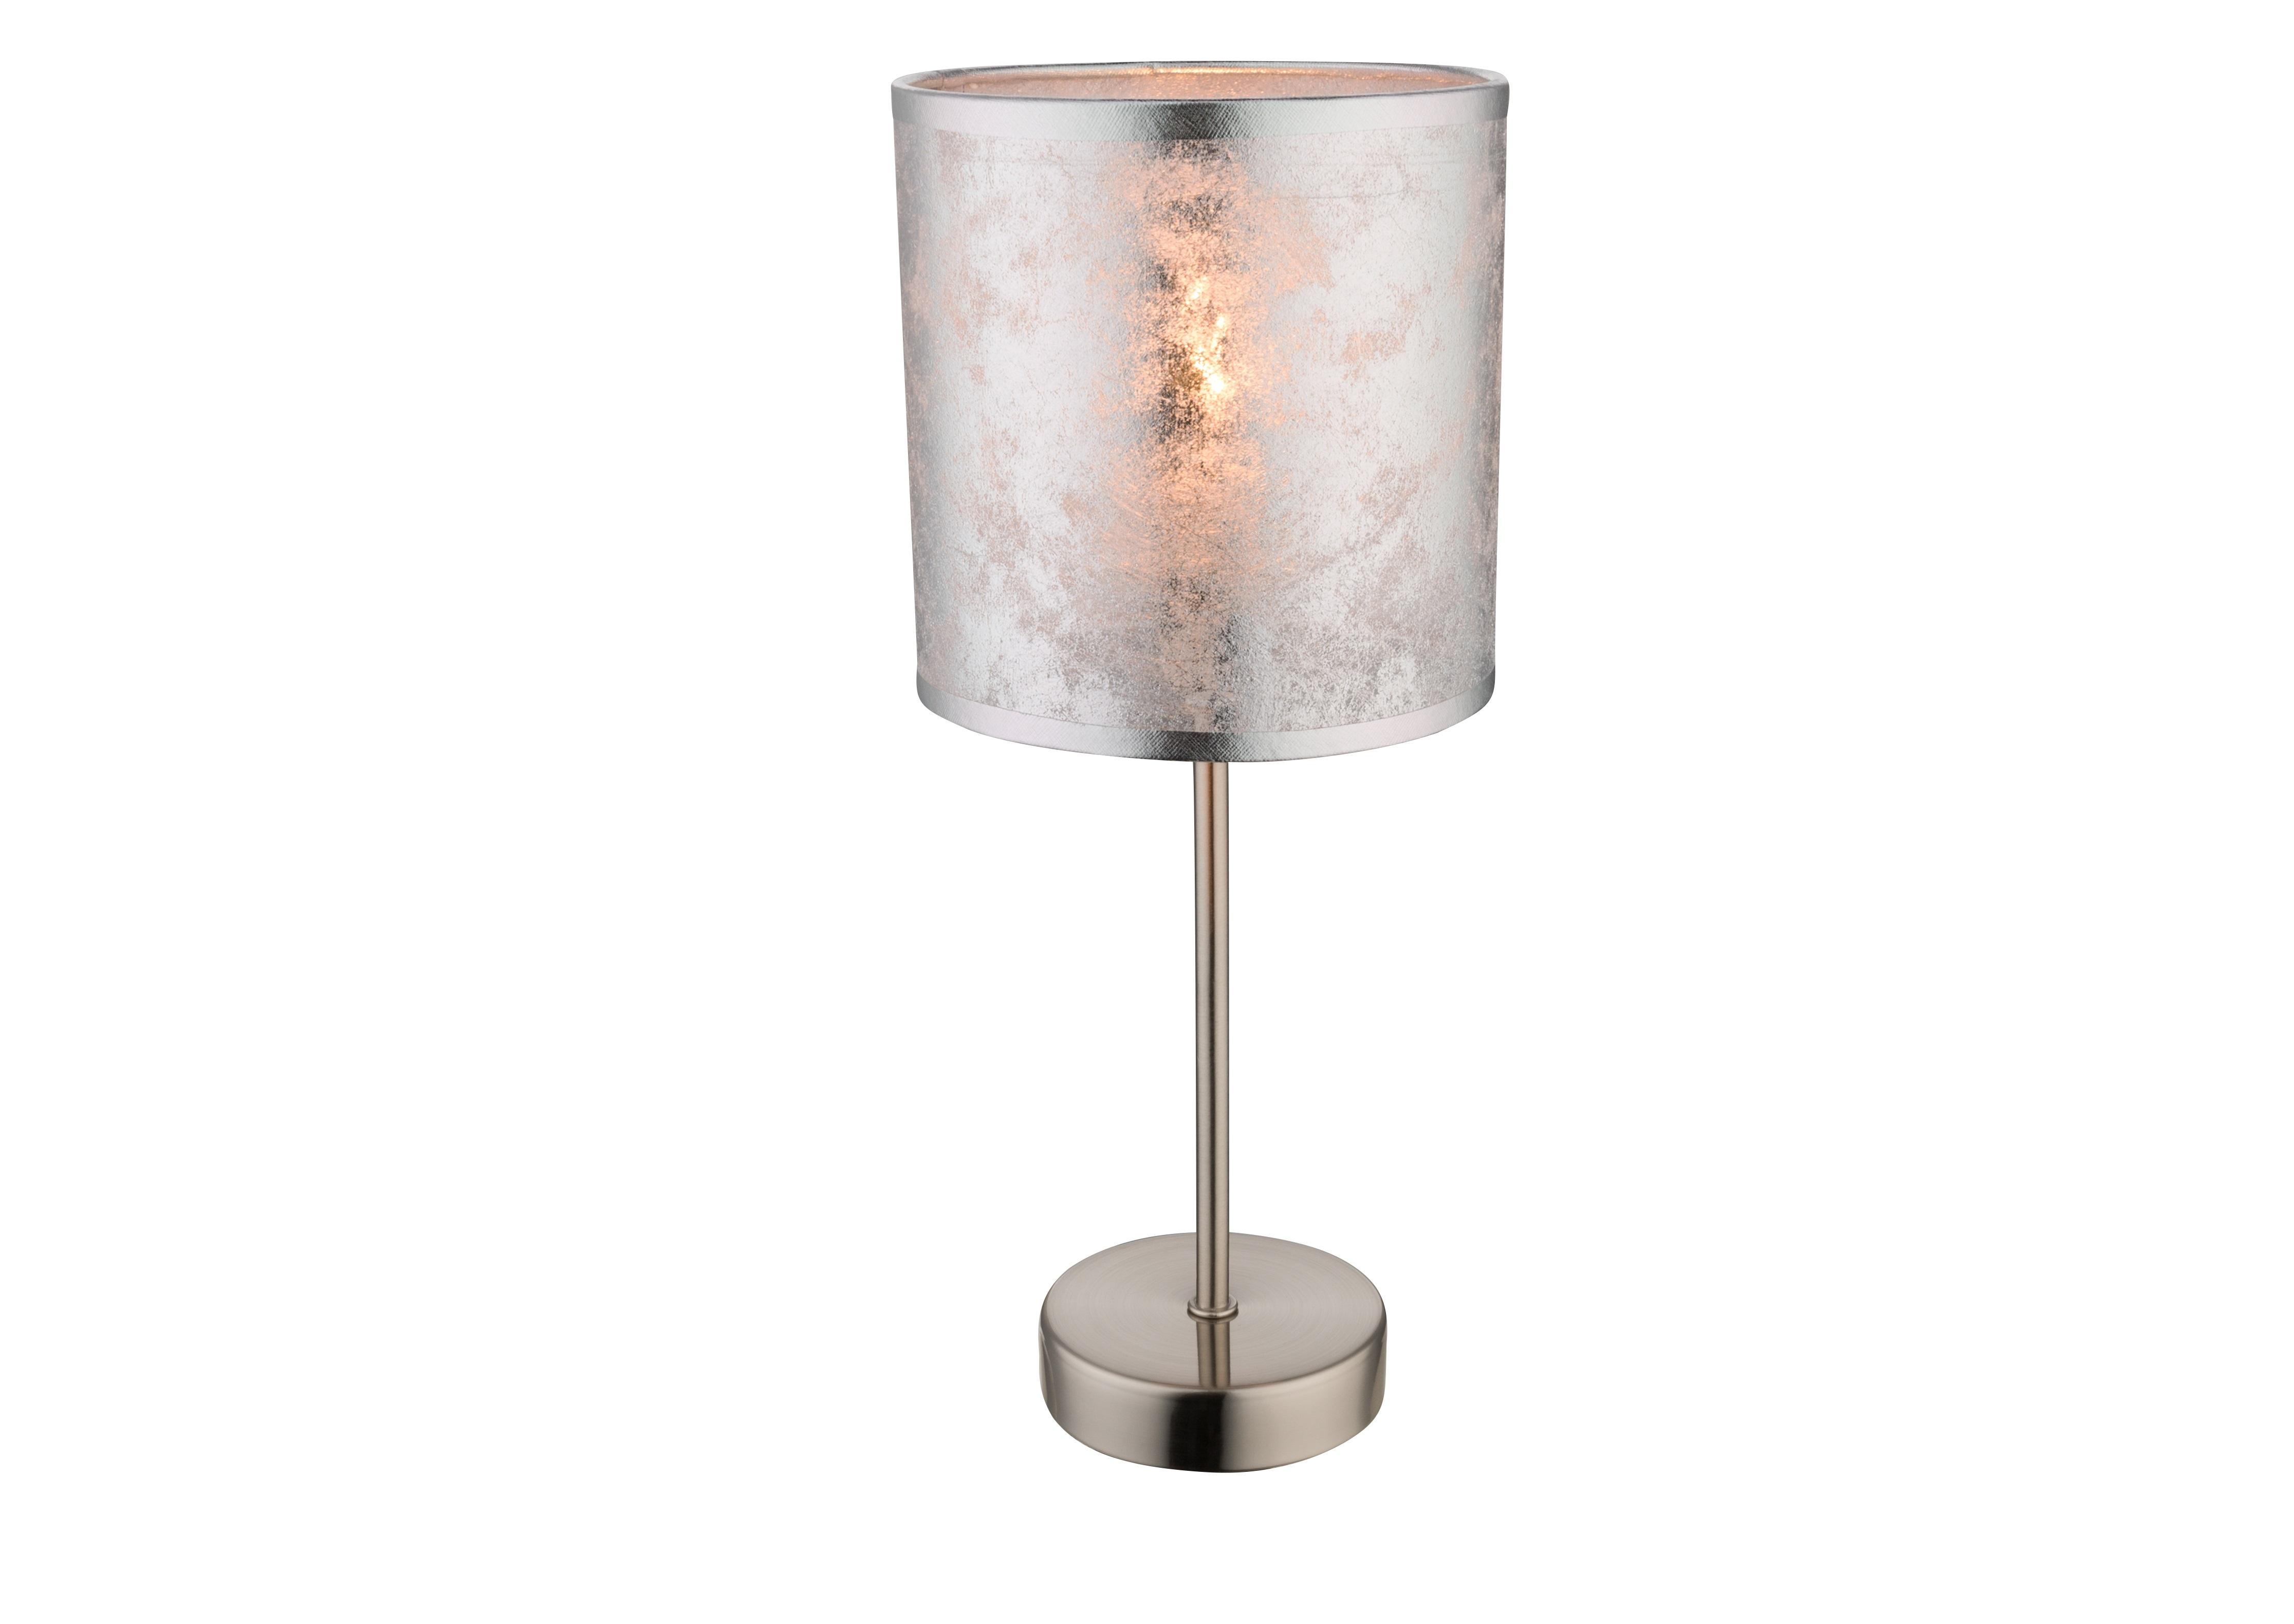 Настольная лампаНастольные лампы<br>&amp;lt;div&amp;gt;Вид цоколя: Е14&amp;lt;/div&amp;gt;&amp;lt;div&amp;gt;Мощность: 40W&amp;lt;/div&amp;gt;&amp;lt;div&amp;gt;Количество ламп: 1&amp;lt;/div&amp;gt;&amp;lt;div&amp;gt;&amp;lt;br&amp;gt;&amp;lt;/div&amp;gt;&amp;lt;div&amp;gt;Материал: металл, текстиль&amp;lt;/div&amp;gt;<br><br>Material: Металл<br>Height см: 35<br>Diameter см: 15